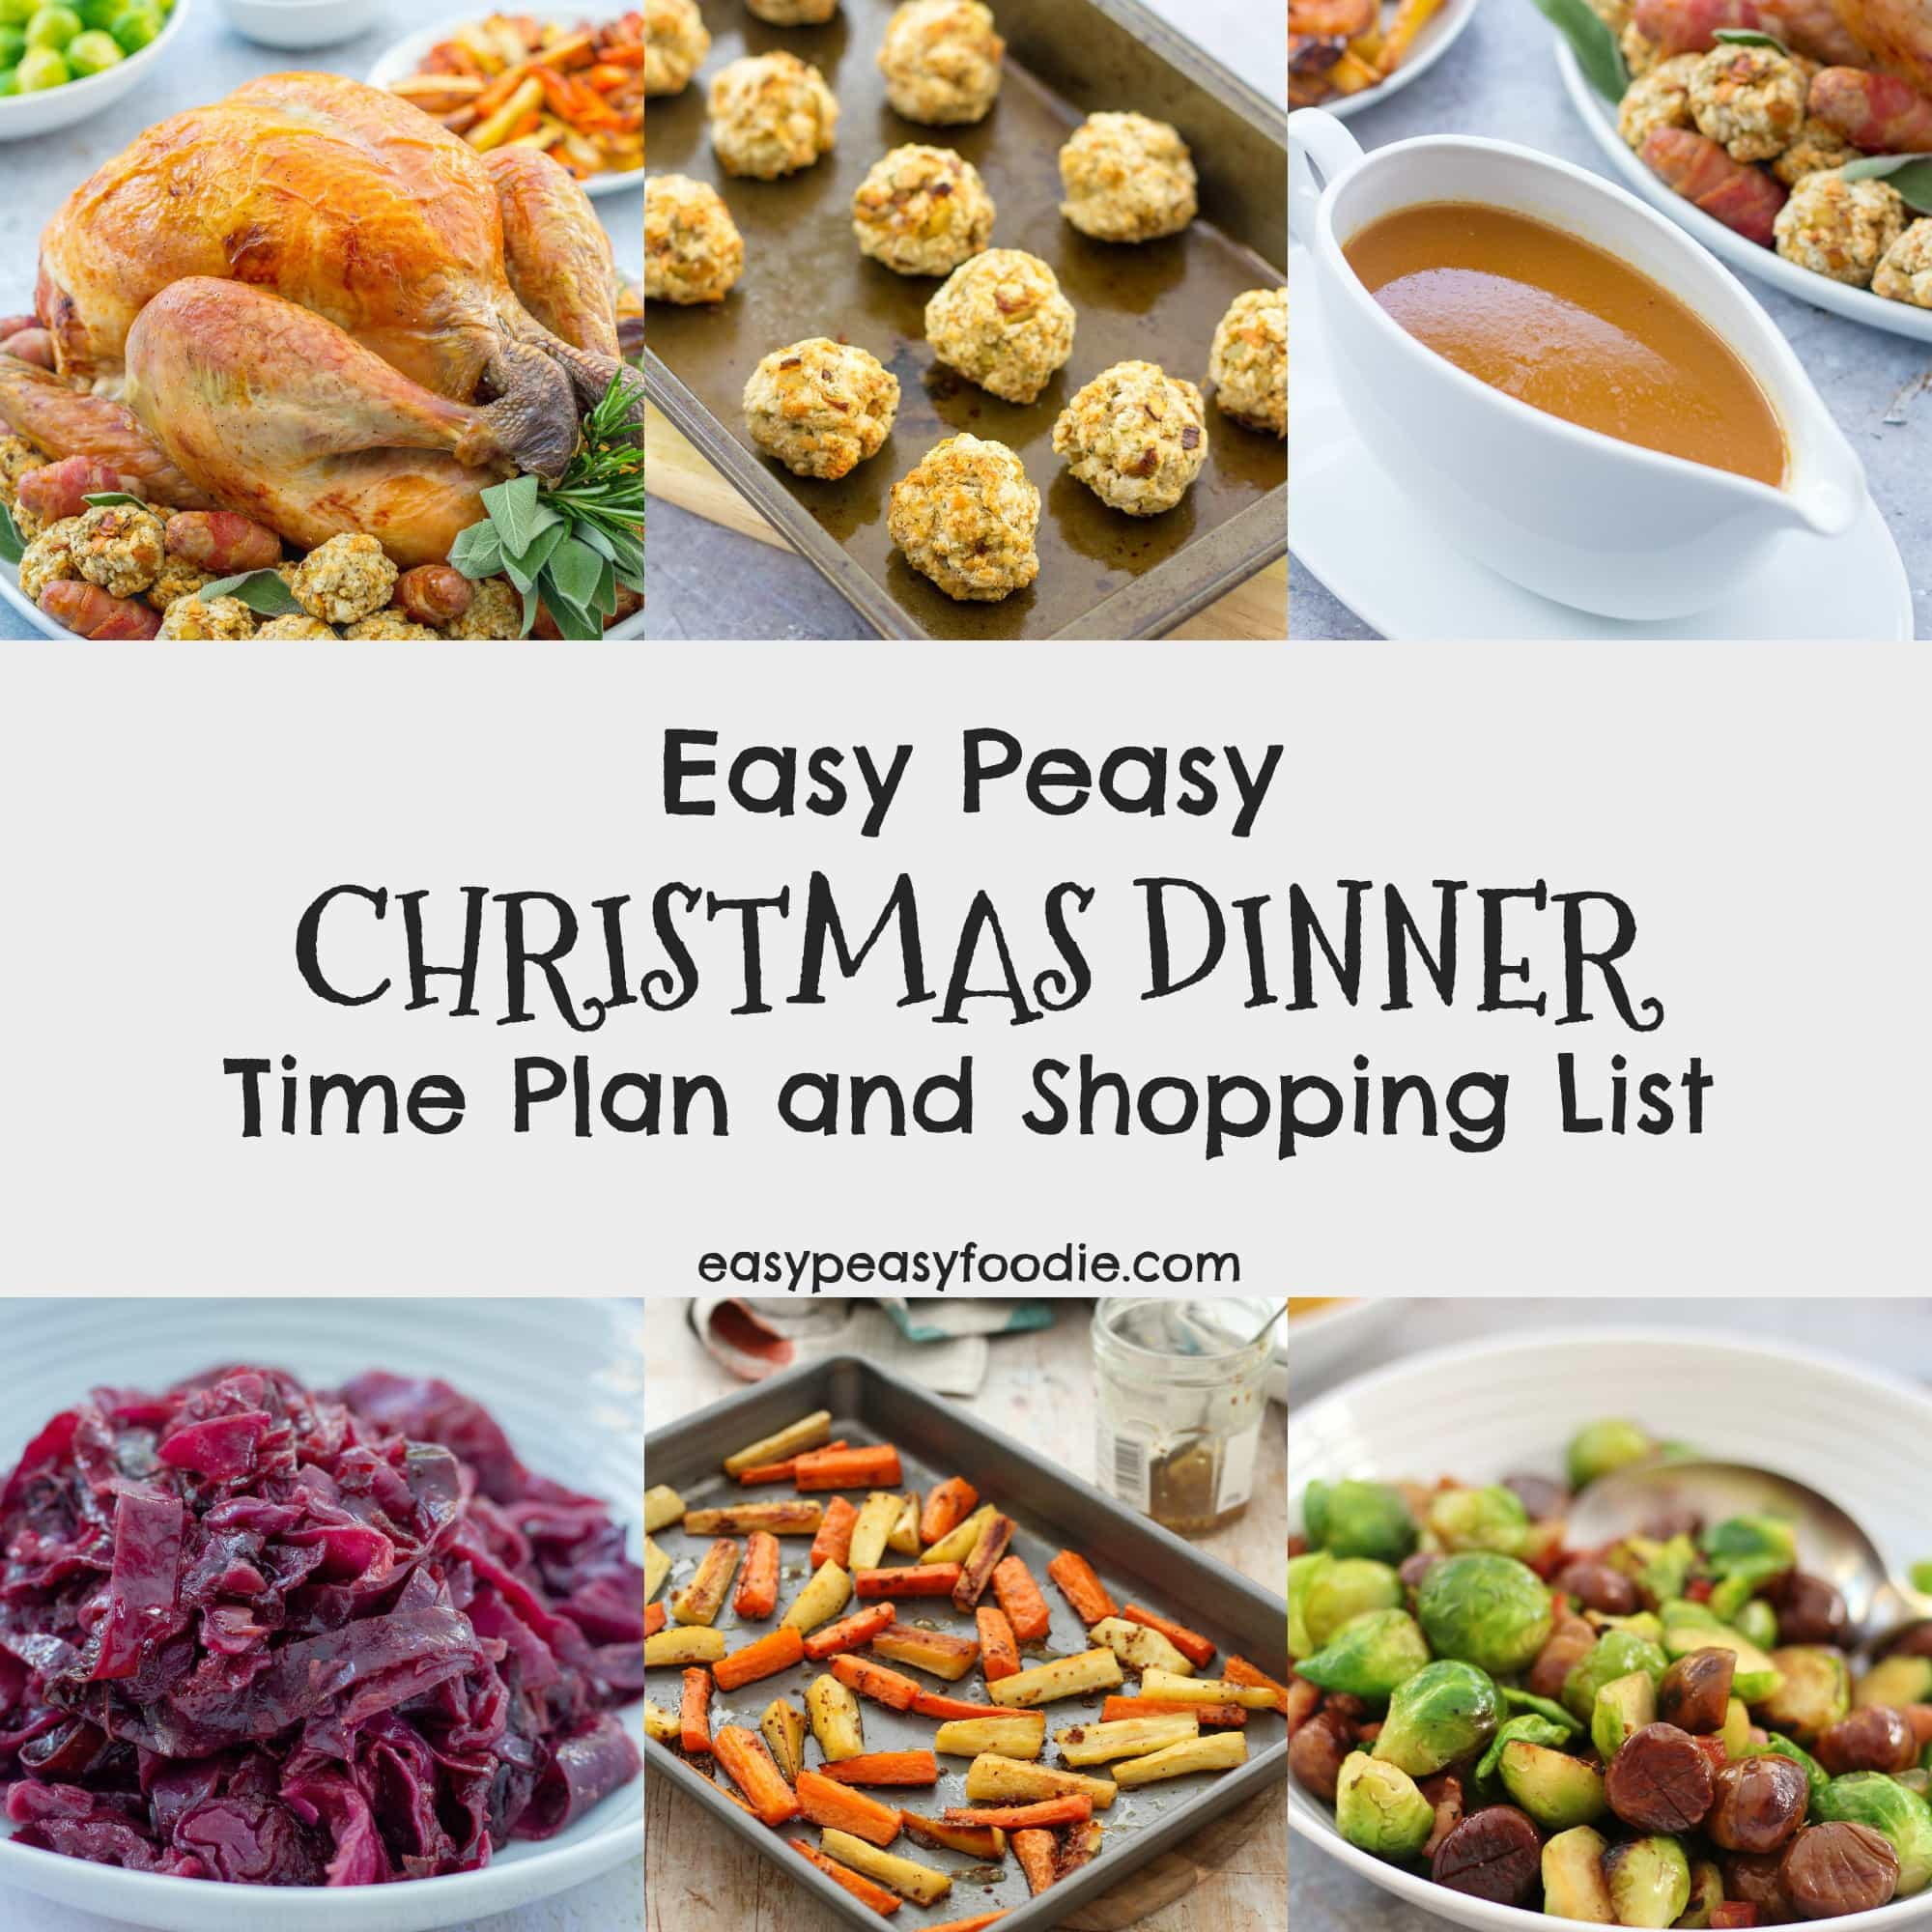 Easy Peasy Christmas Dinner Time Plan